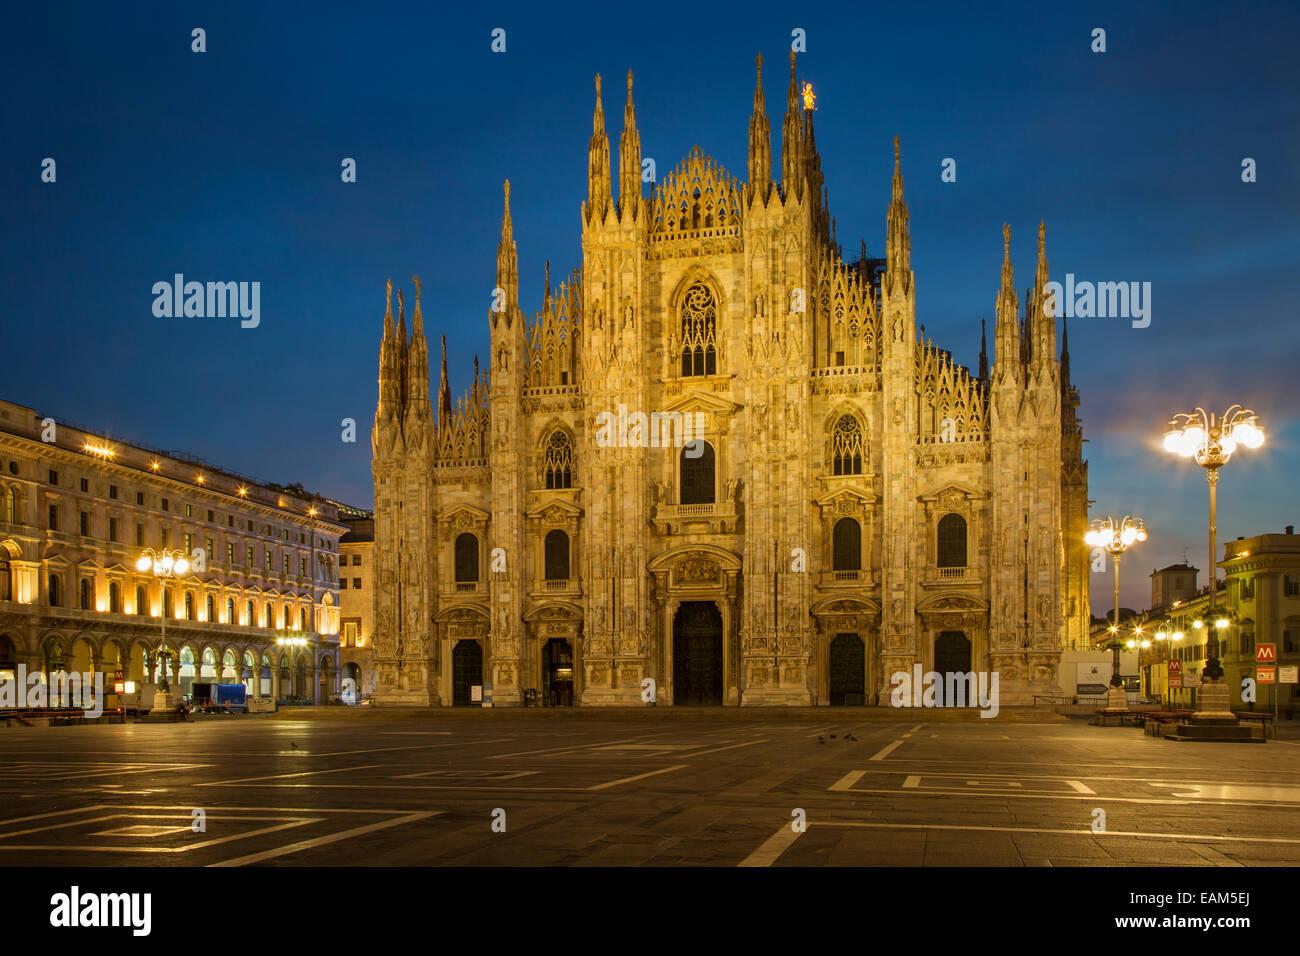 Pre-alba luce alla cattedrale in piazza del duomo, milano, lombardia, italia Immagini Stock